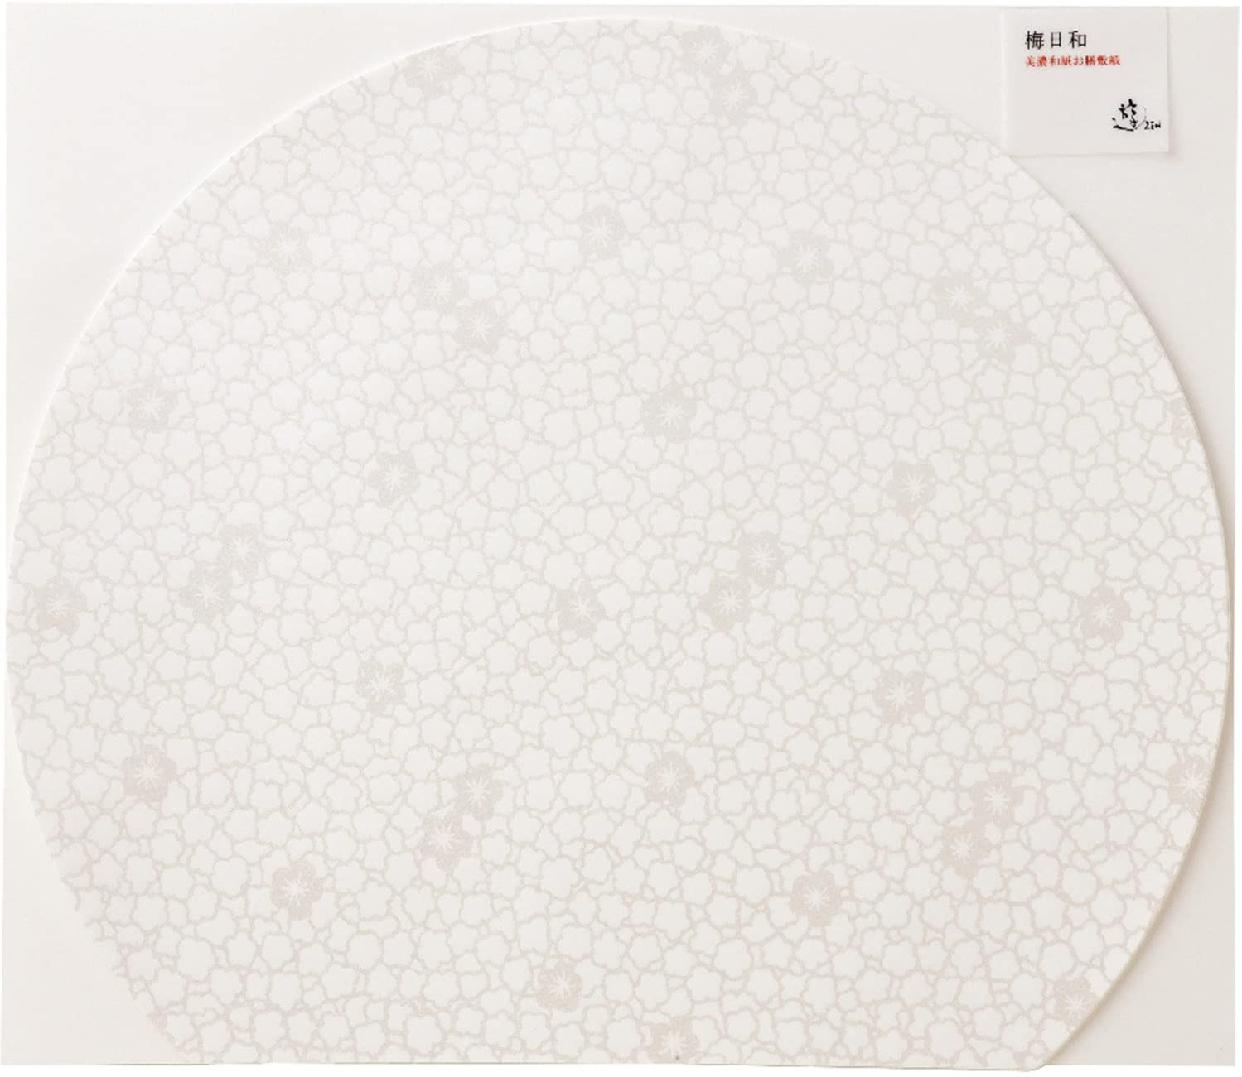 アーテックお膳敷紙 梅日和 白梅 SUB-01-G5の商品画像